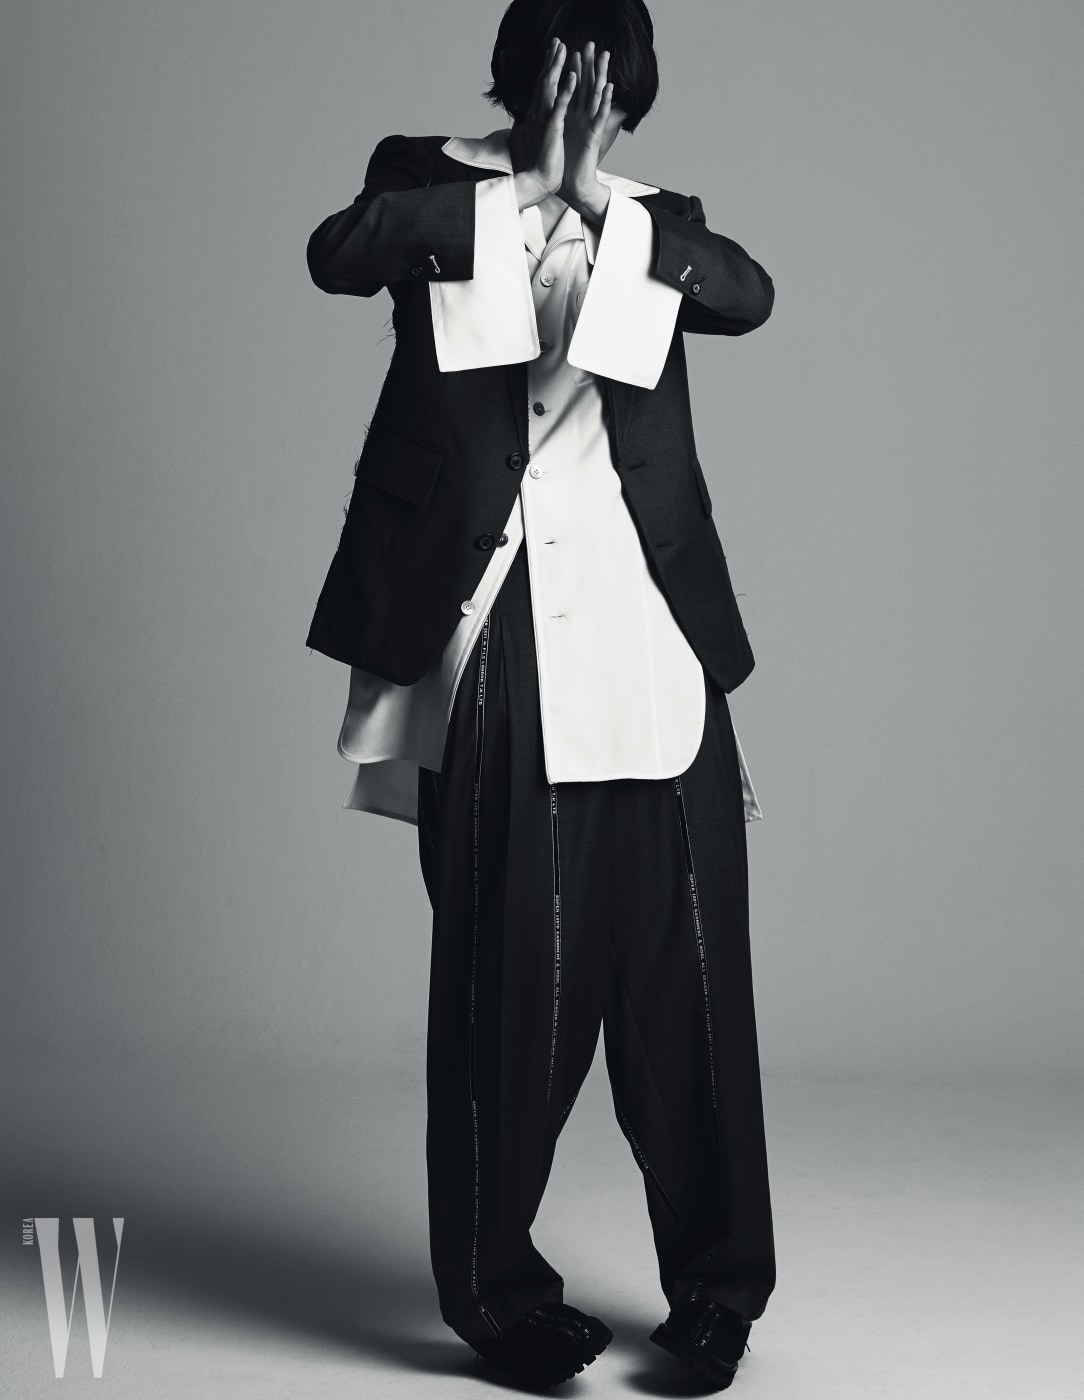 회색 재킷과 라펠이 넓은 넉넉한 셔츠, 줄무늬 패턴 회색 팬츠, 슈즈는 모두 Munn 제품.